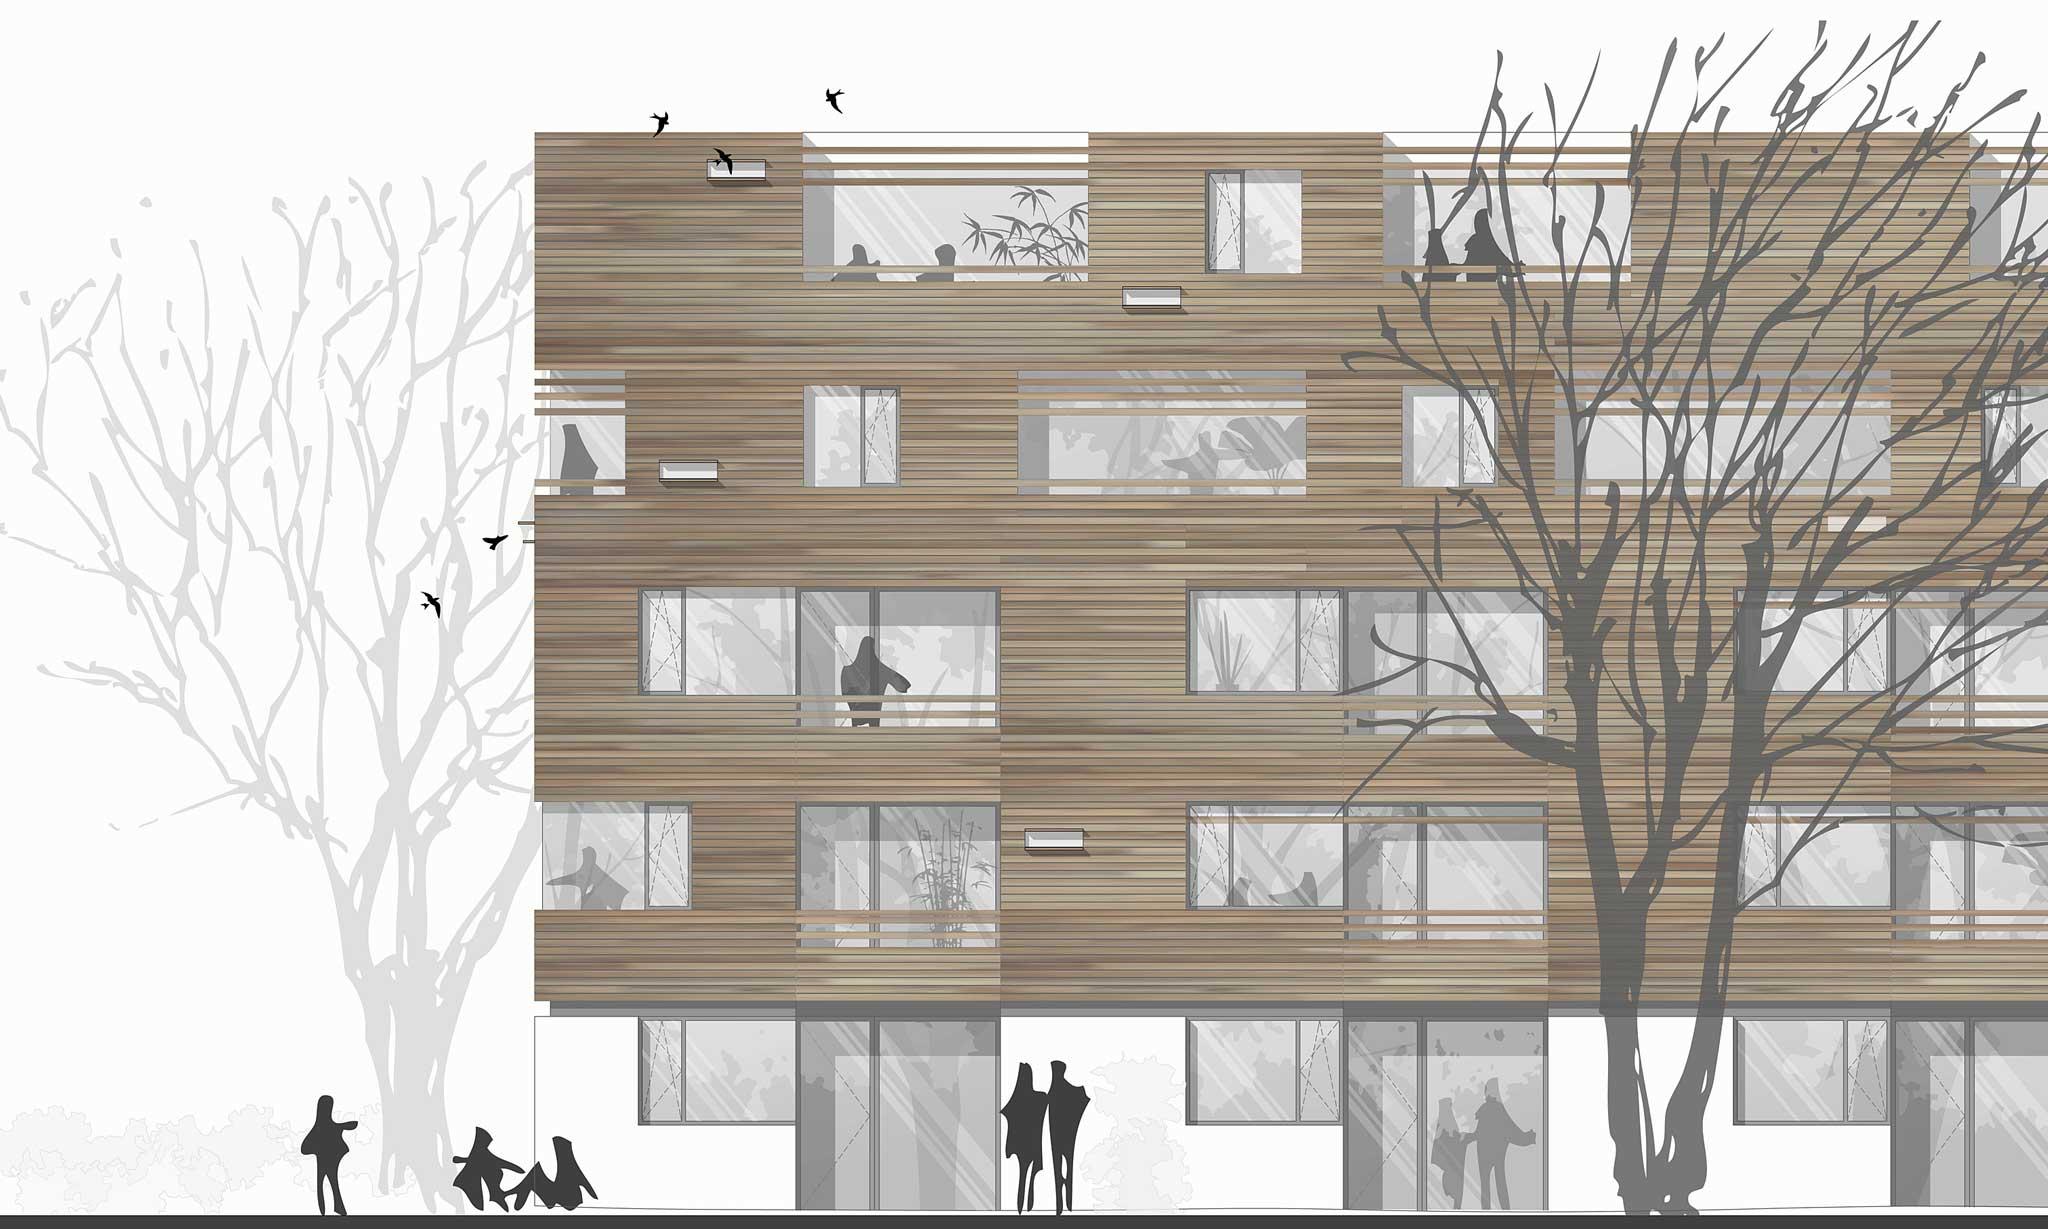 Housing Area Erlangen Landschaftsarchitektur - Ansicht